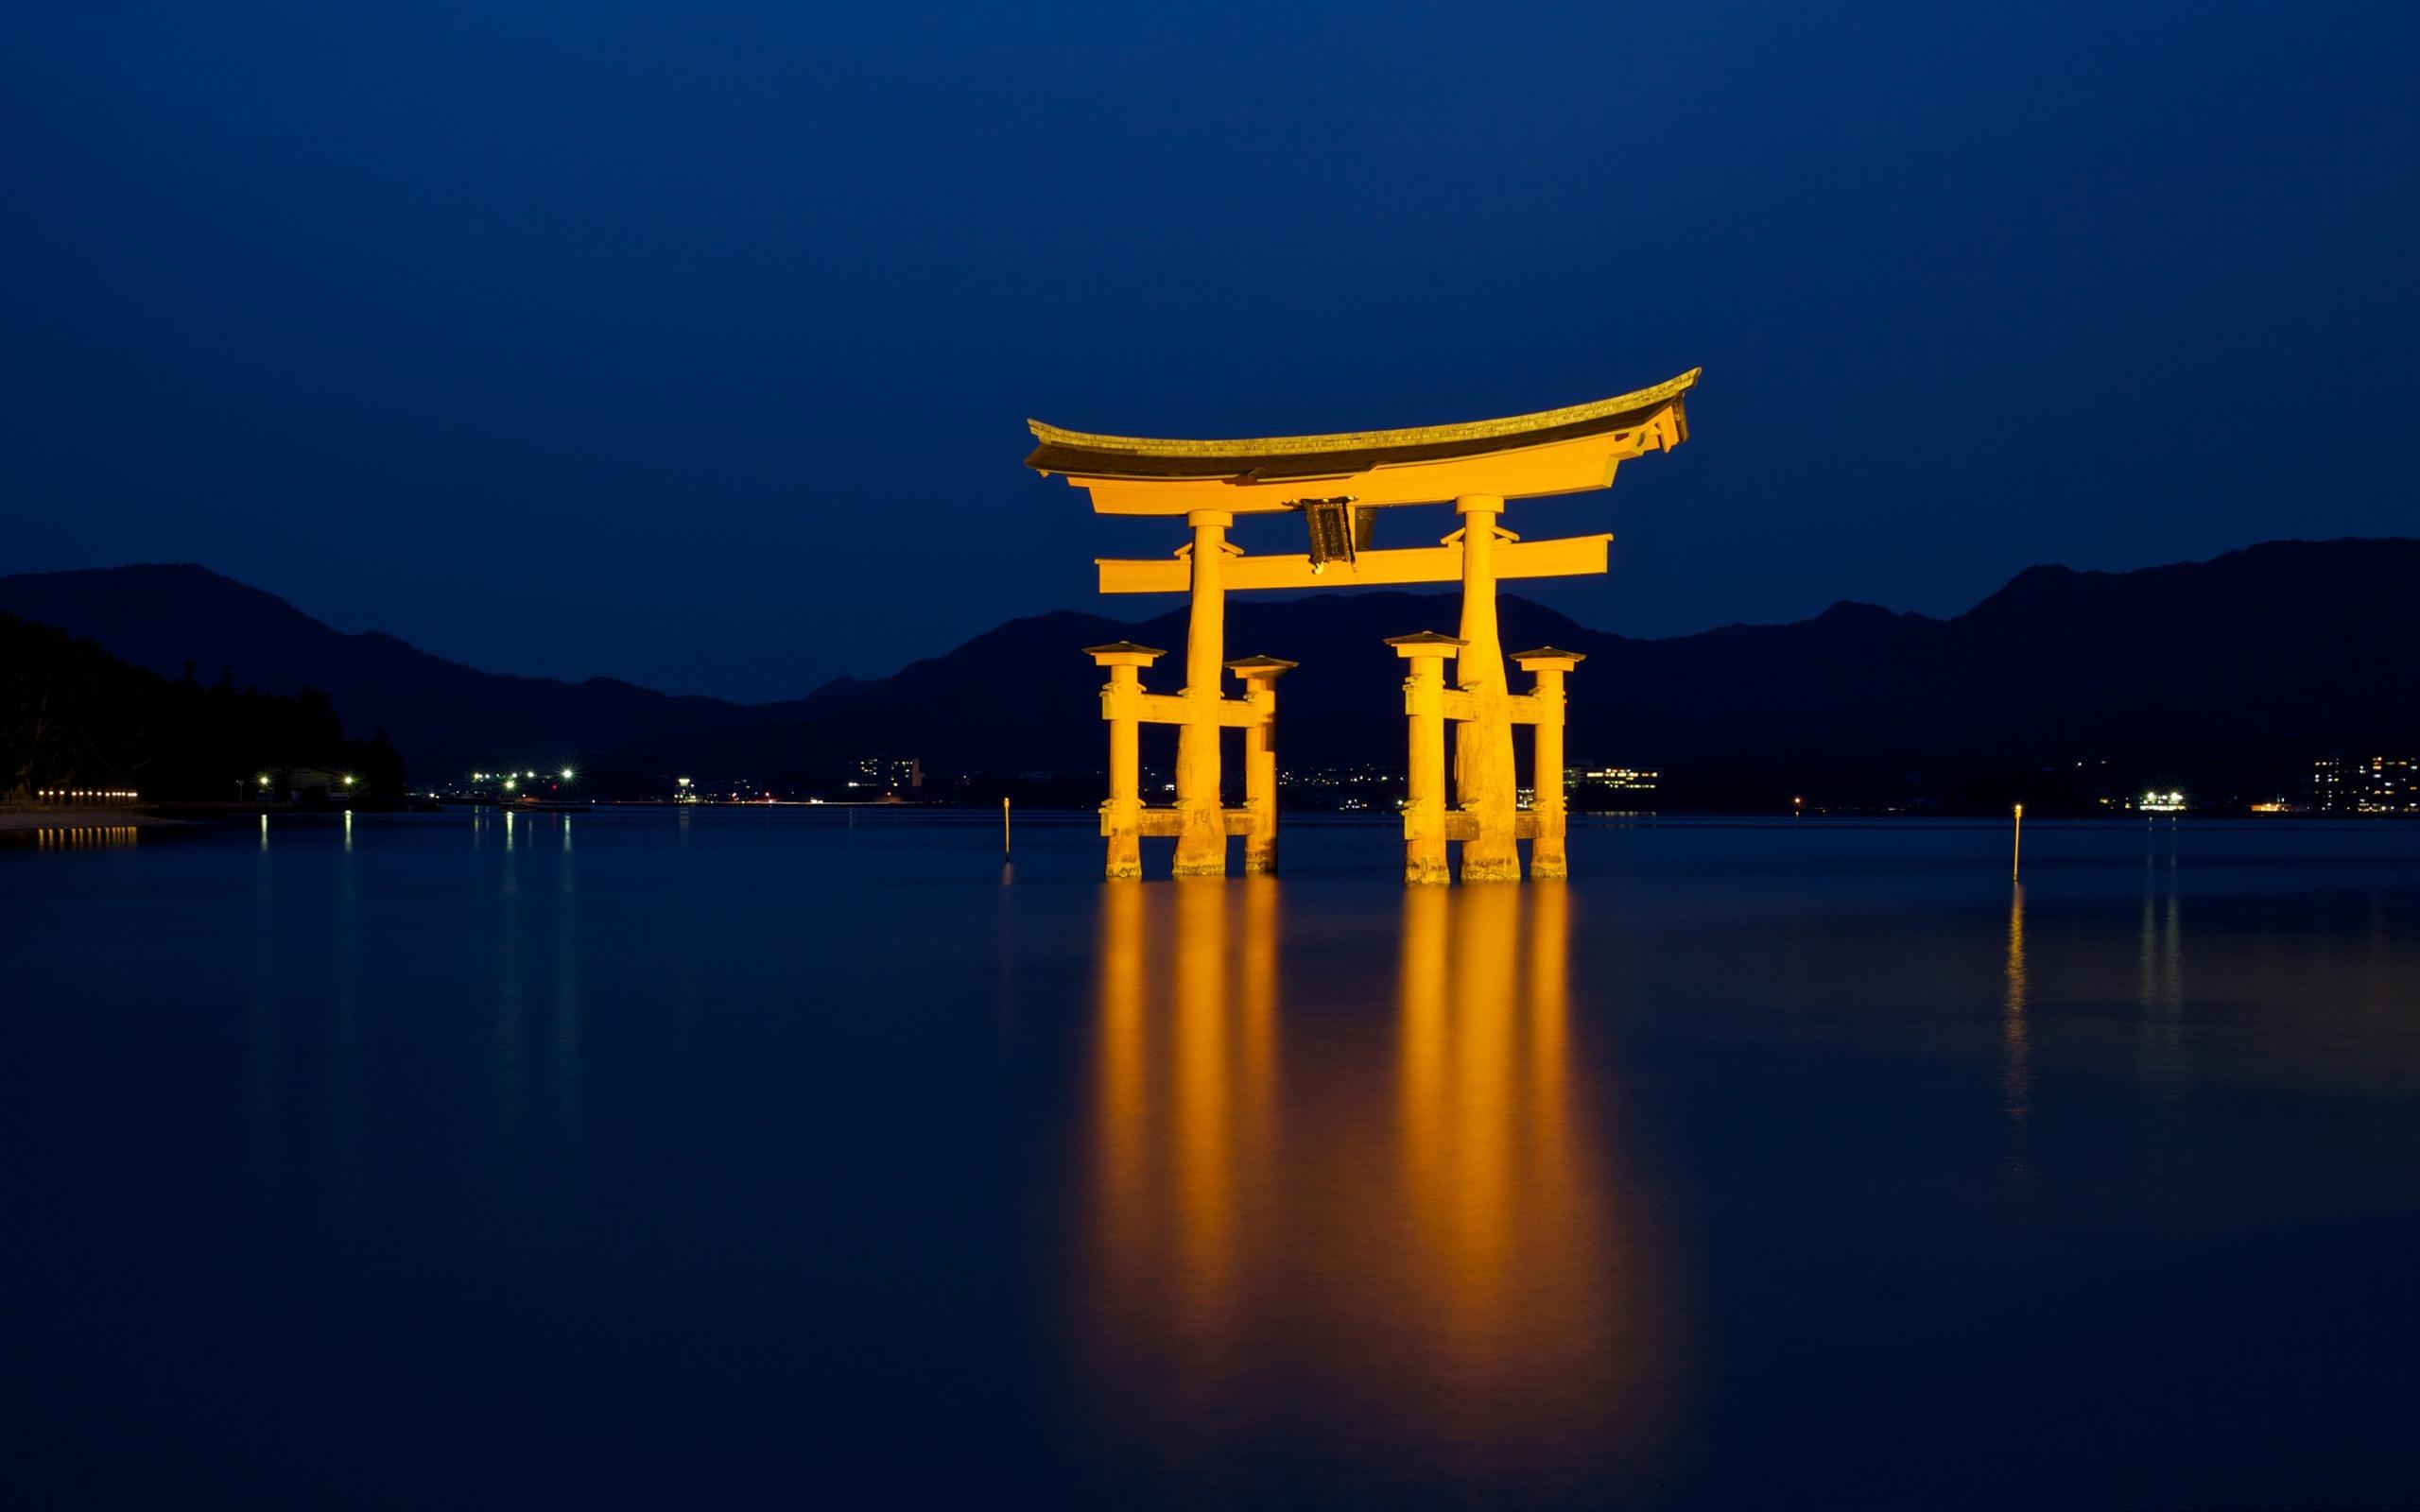 徳島神社 写真のhd壁紙プレビュー 10wallpaper Com